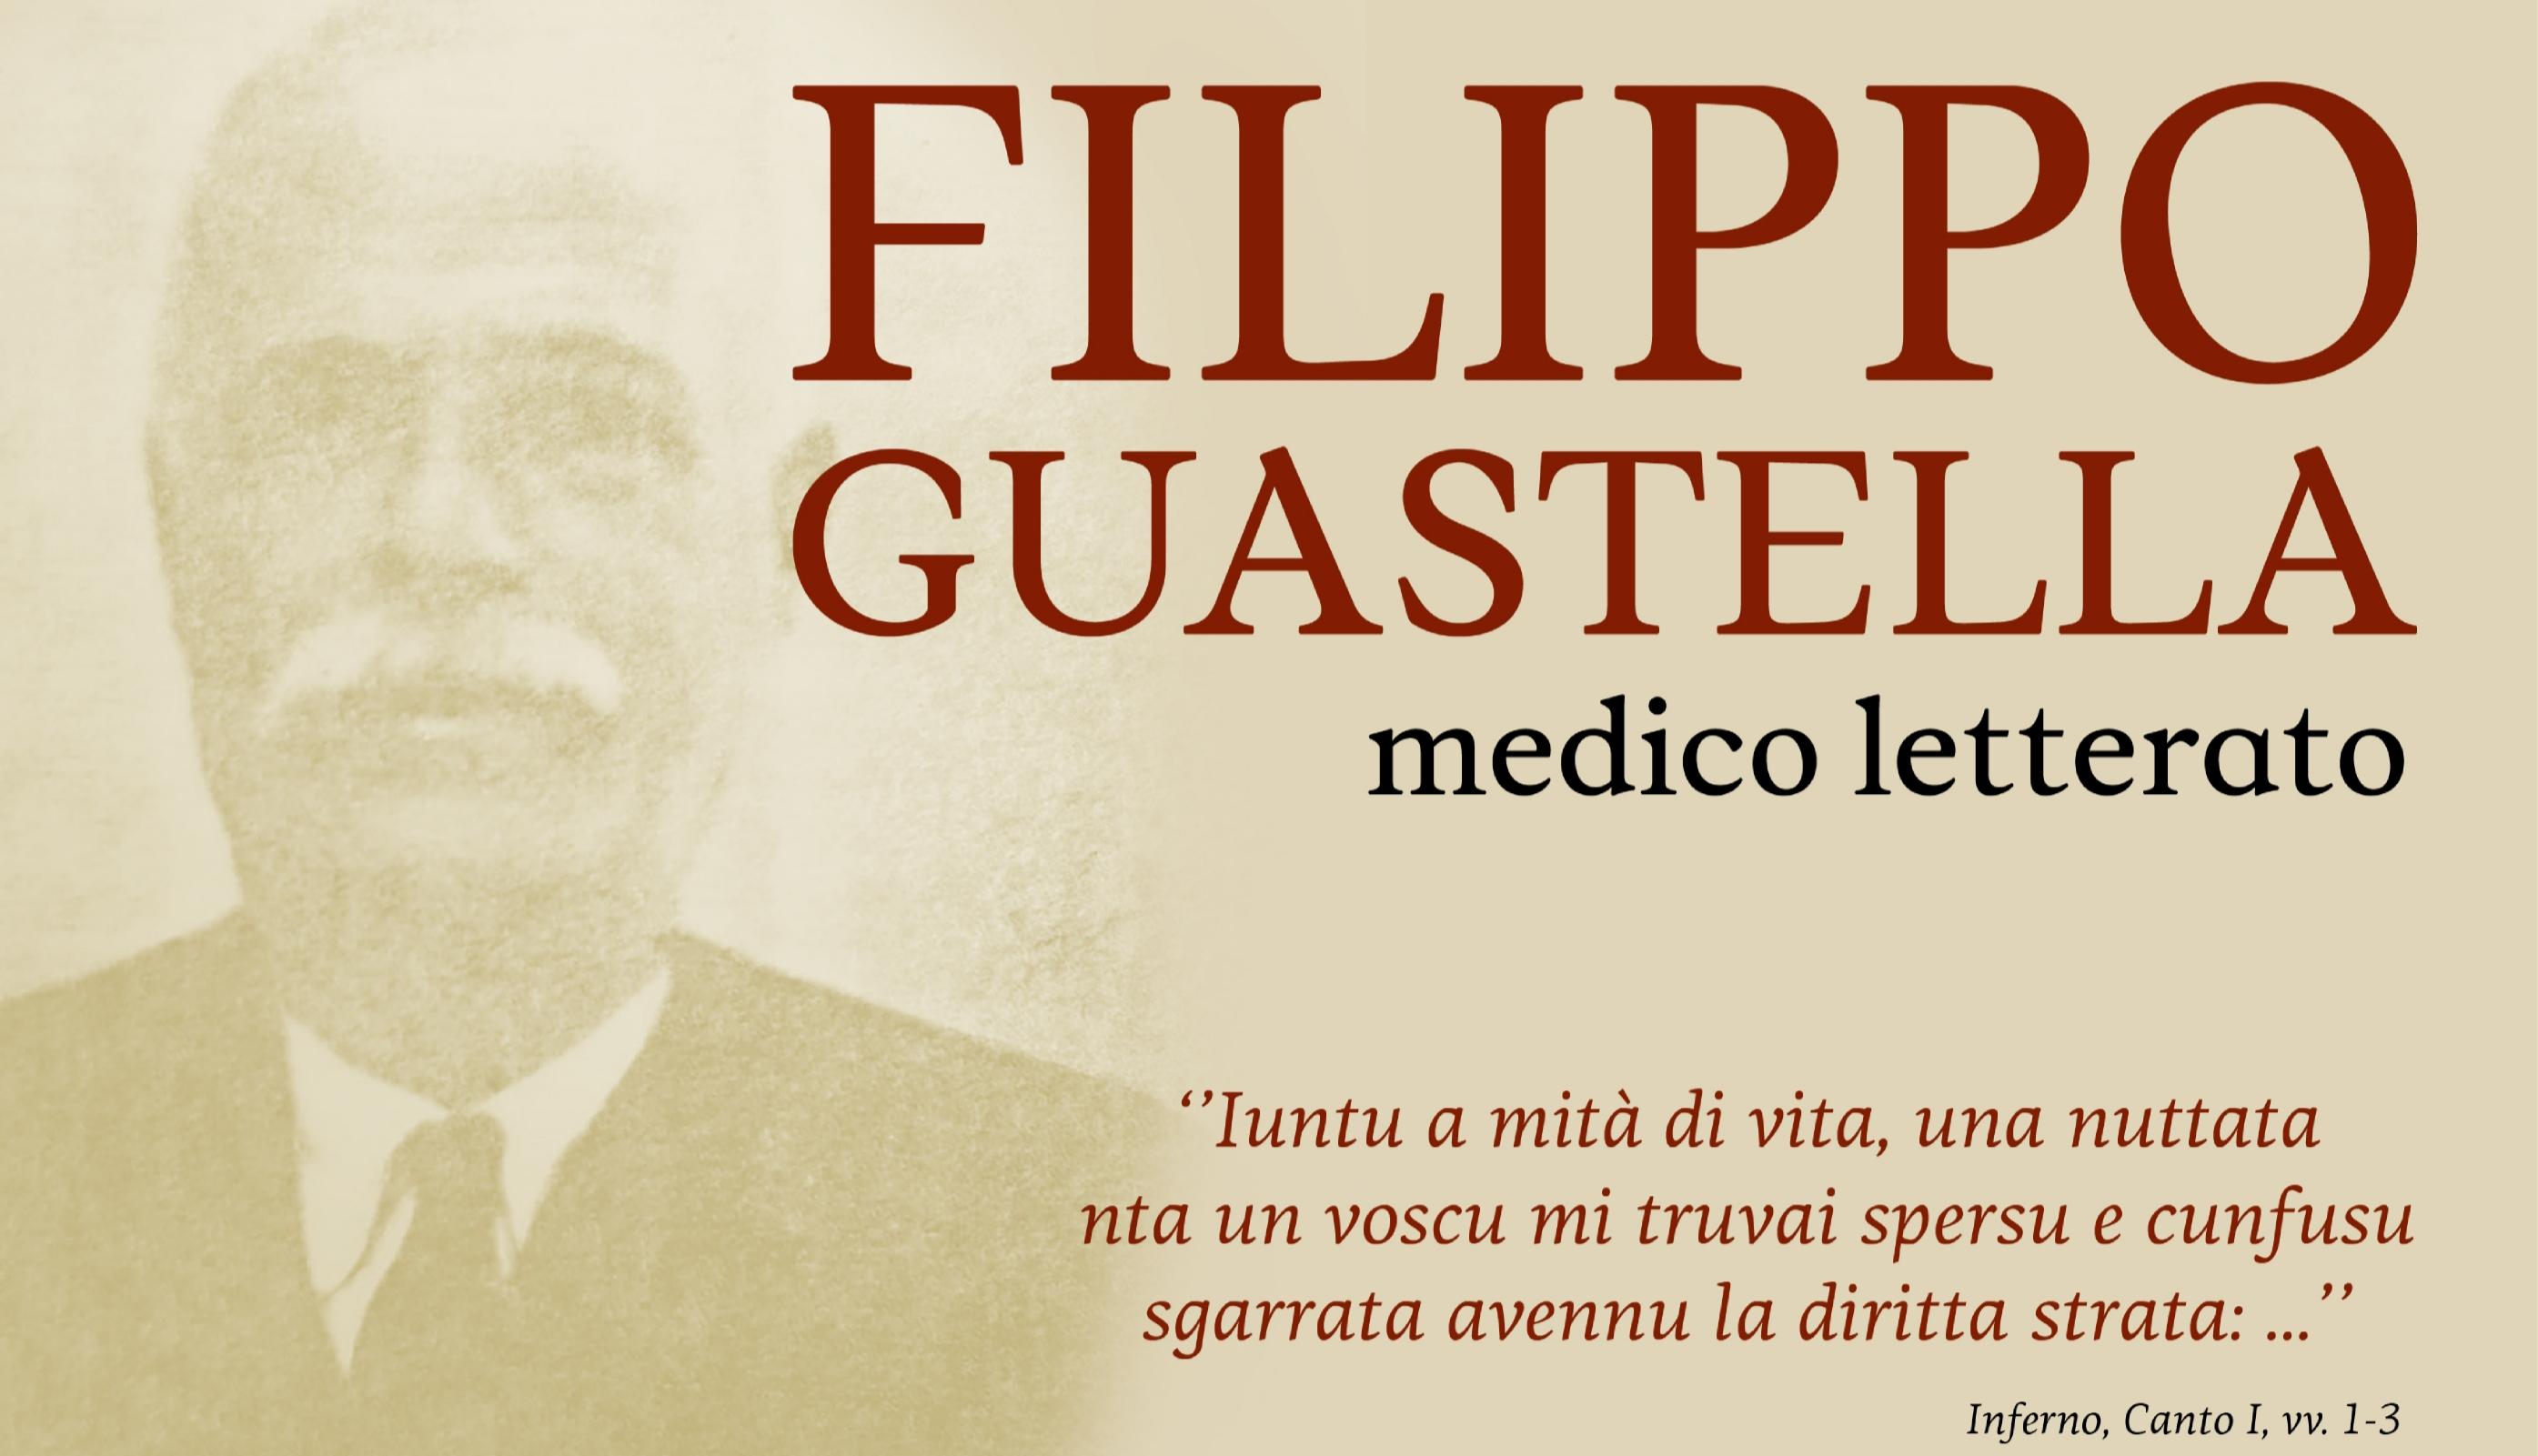 """Sabato 16 Novembre un convegno su """"Filippo Guastella, medico letterato"""""""